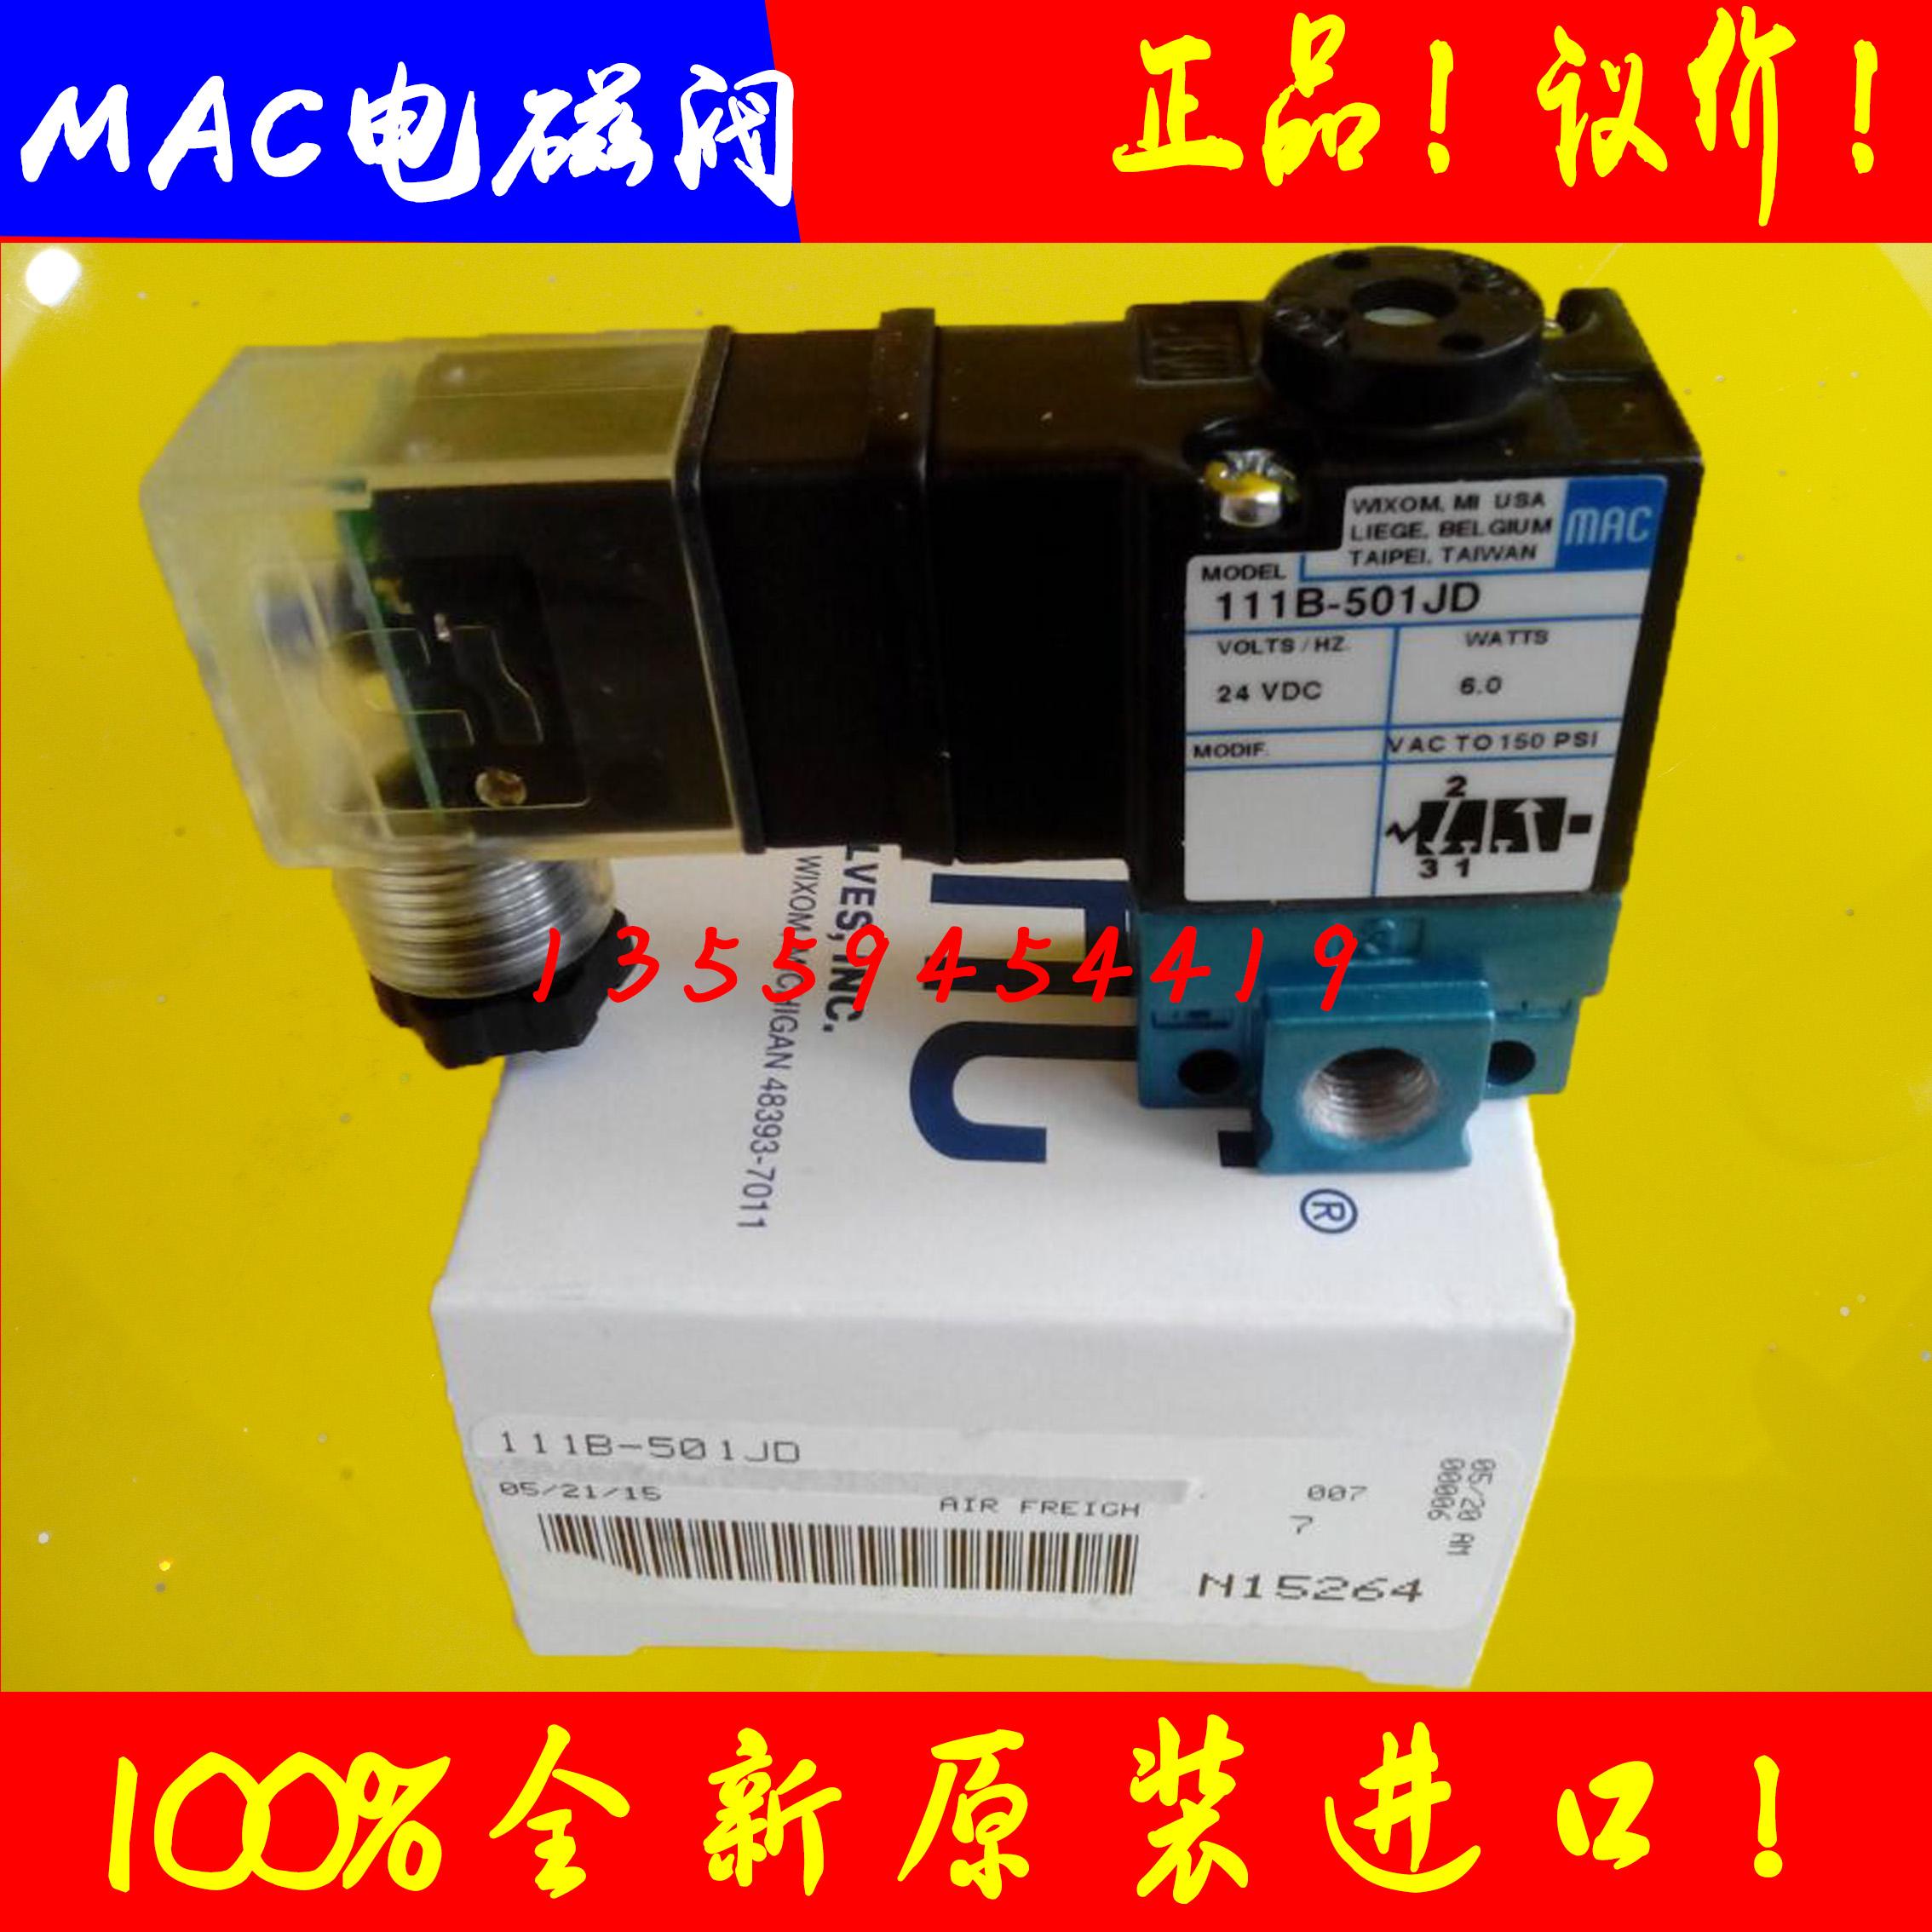 100% solenoidi ventiil, tegi ameerika mac 111B-501JD karistus kümme läbirääkimiste kohta, et pakett posti